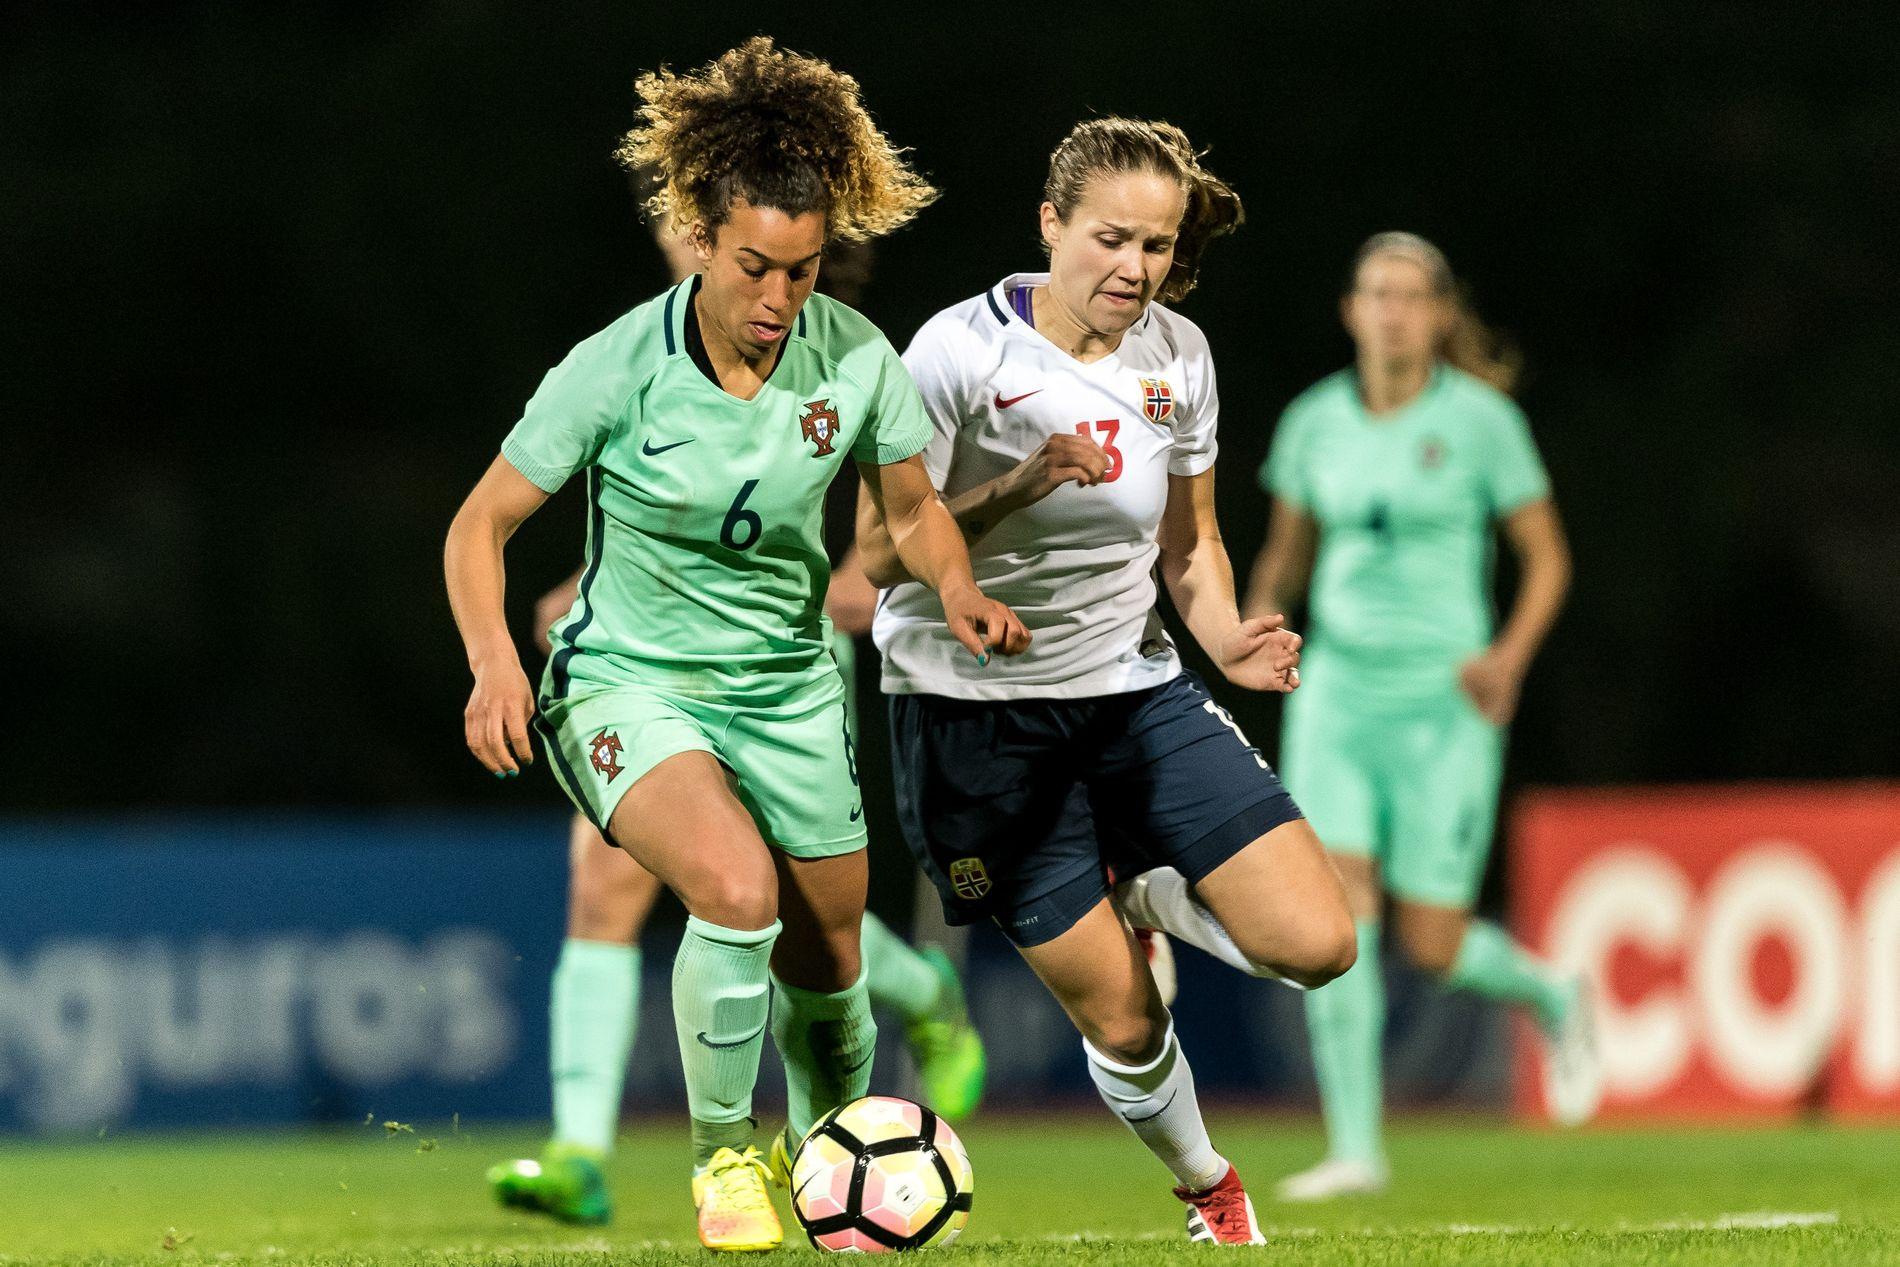 DETTE SÅ DU IKKE PÅ TV: Lillestrøms Guro Reiten i kamp med Portugals Andreia Alexandra Norton under Algarve Cup denne måneden, i matchen Norge tapte.